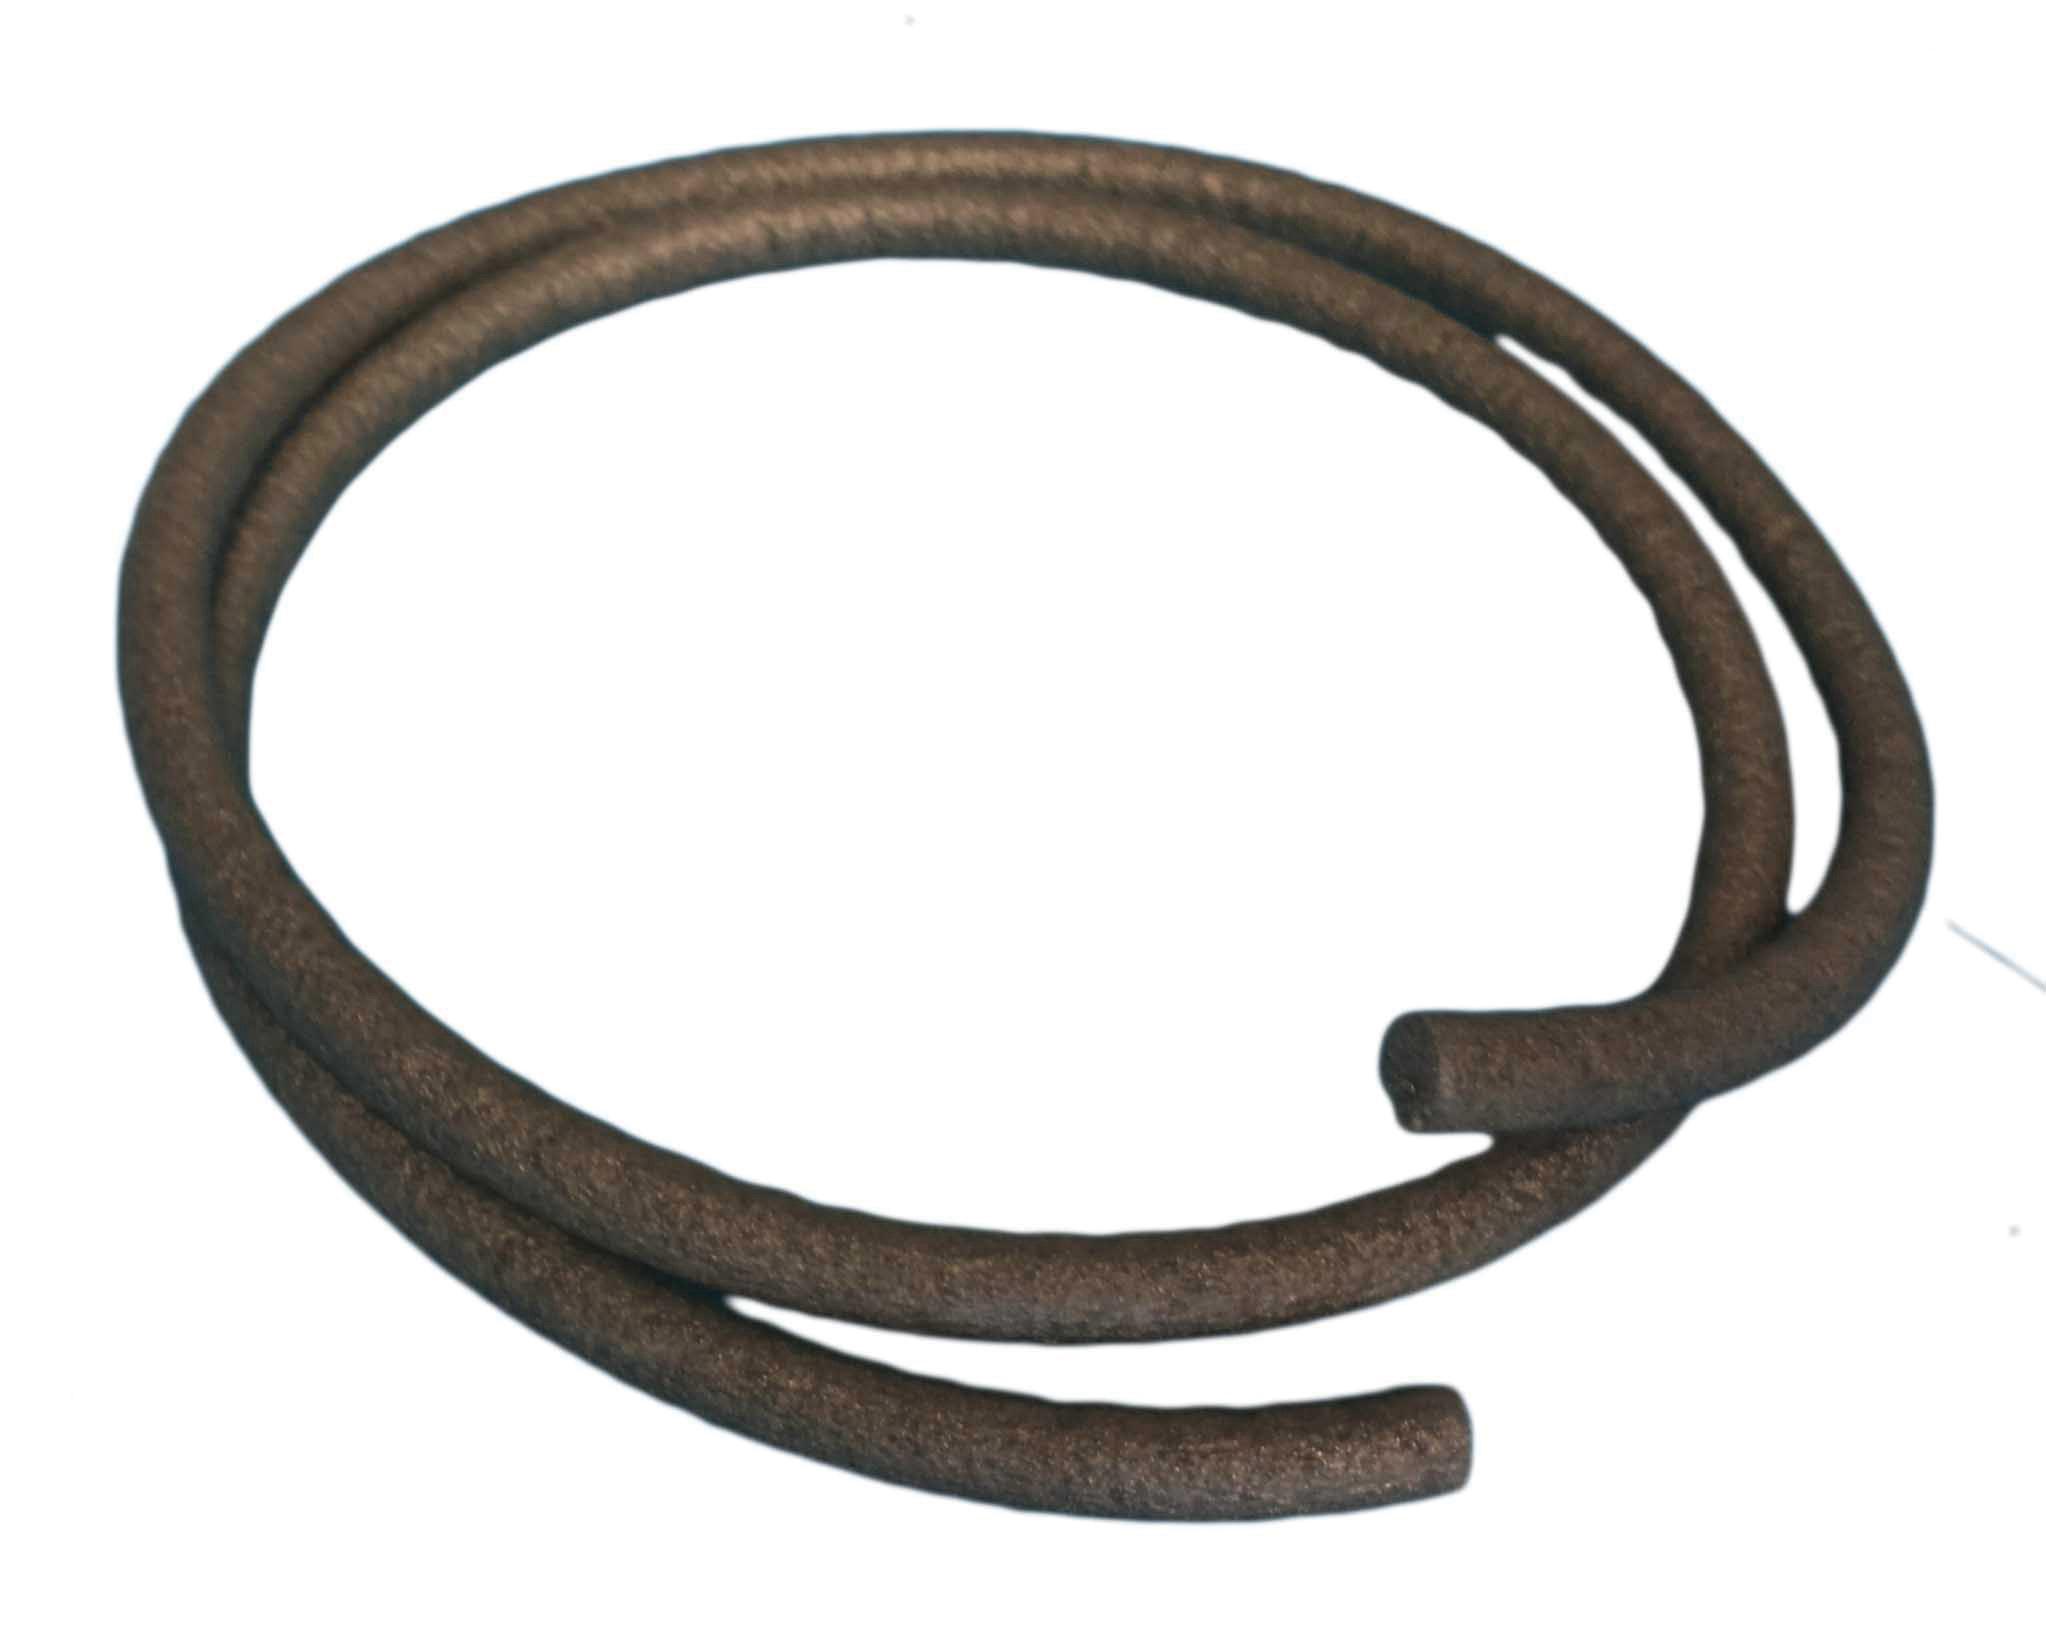 FASSAFOAM: Cordone in polietilene espanso a cellule chiuse, utilizzato a supporto dei sigillanti elastomerici per il corretto dimensionamento dei giunti